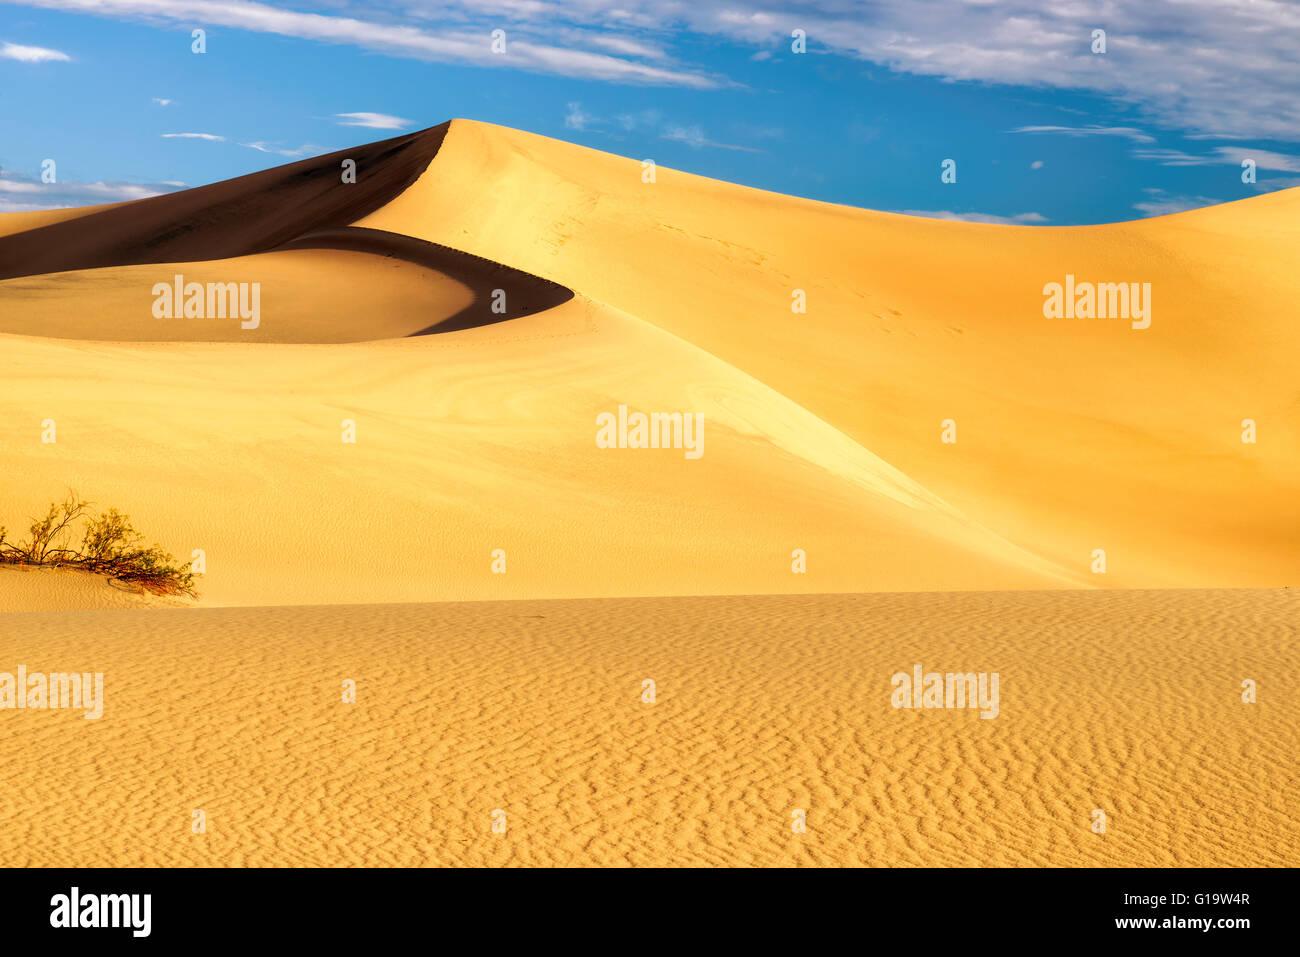 Sand dunes in the Desert - Stock Image